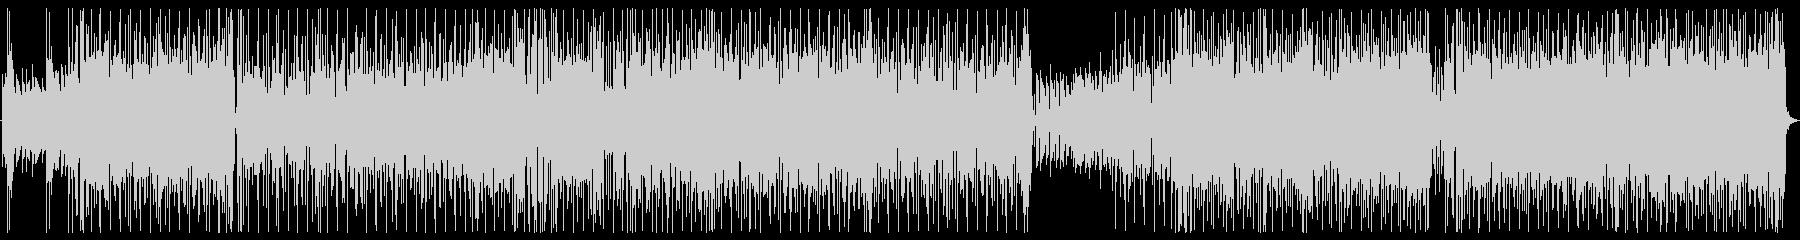 サイケでファンキーなロックチューンBGMの未再生の波形